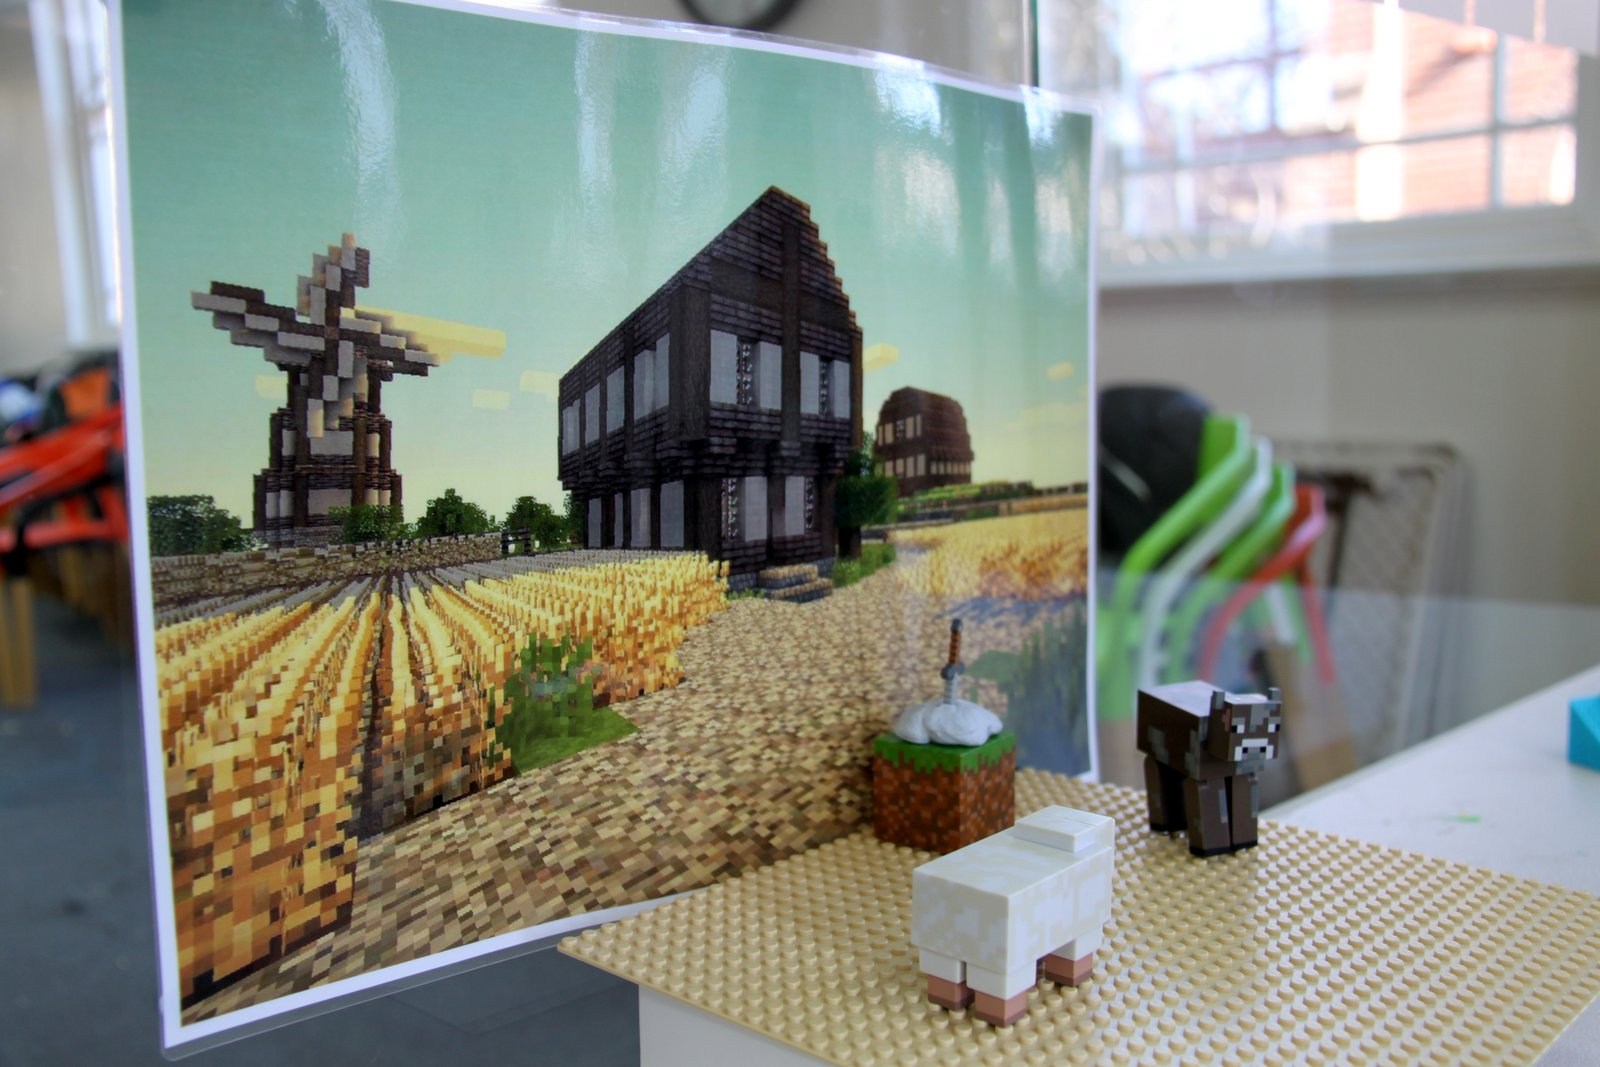 Lego & Minecraft stories that kids L